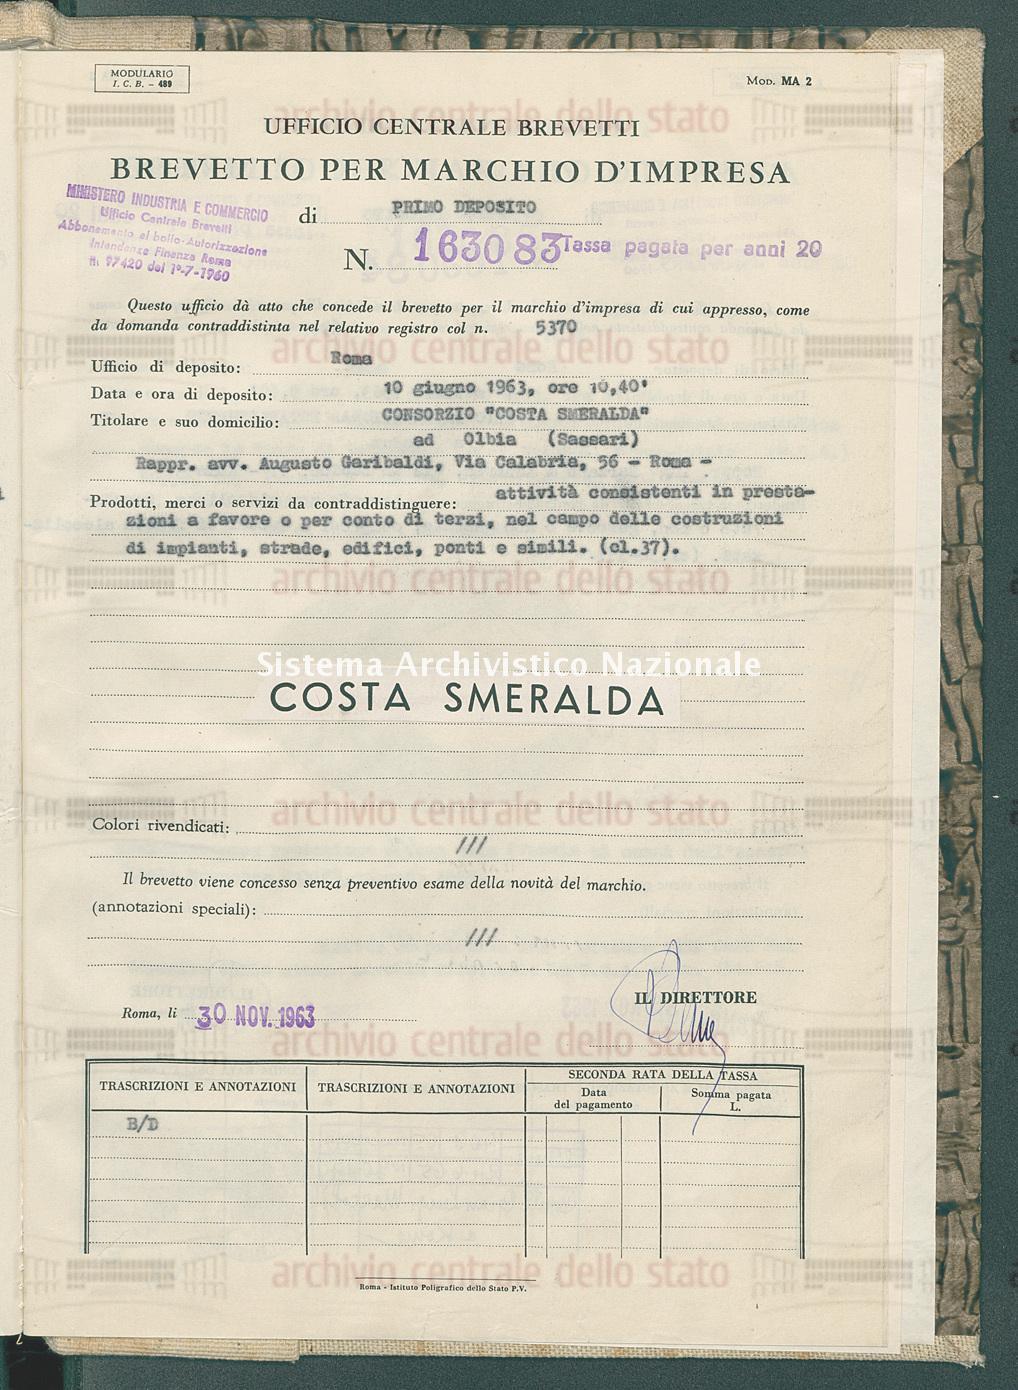 Attivita' consistenti in prestazioni ecc. Consorzio 'Costa Smeralda' (30/11/1963)